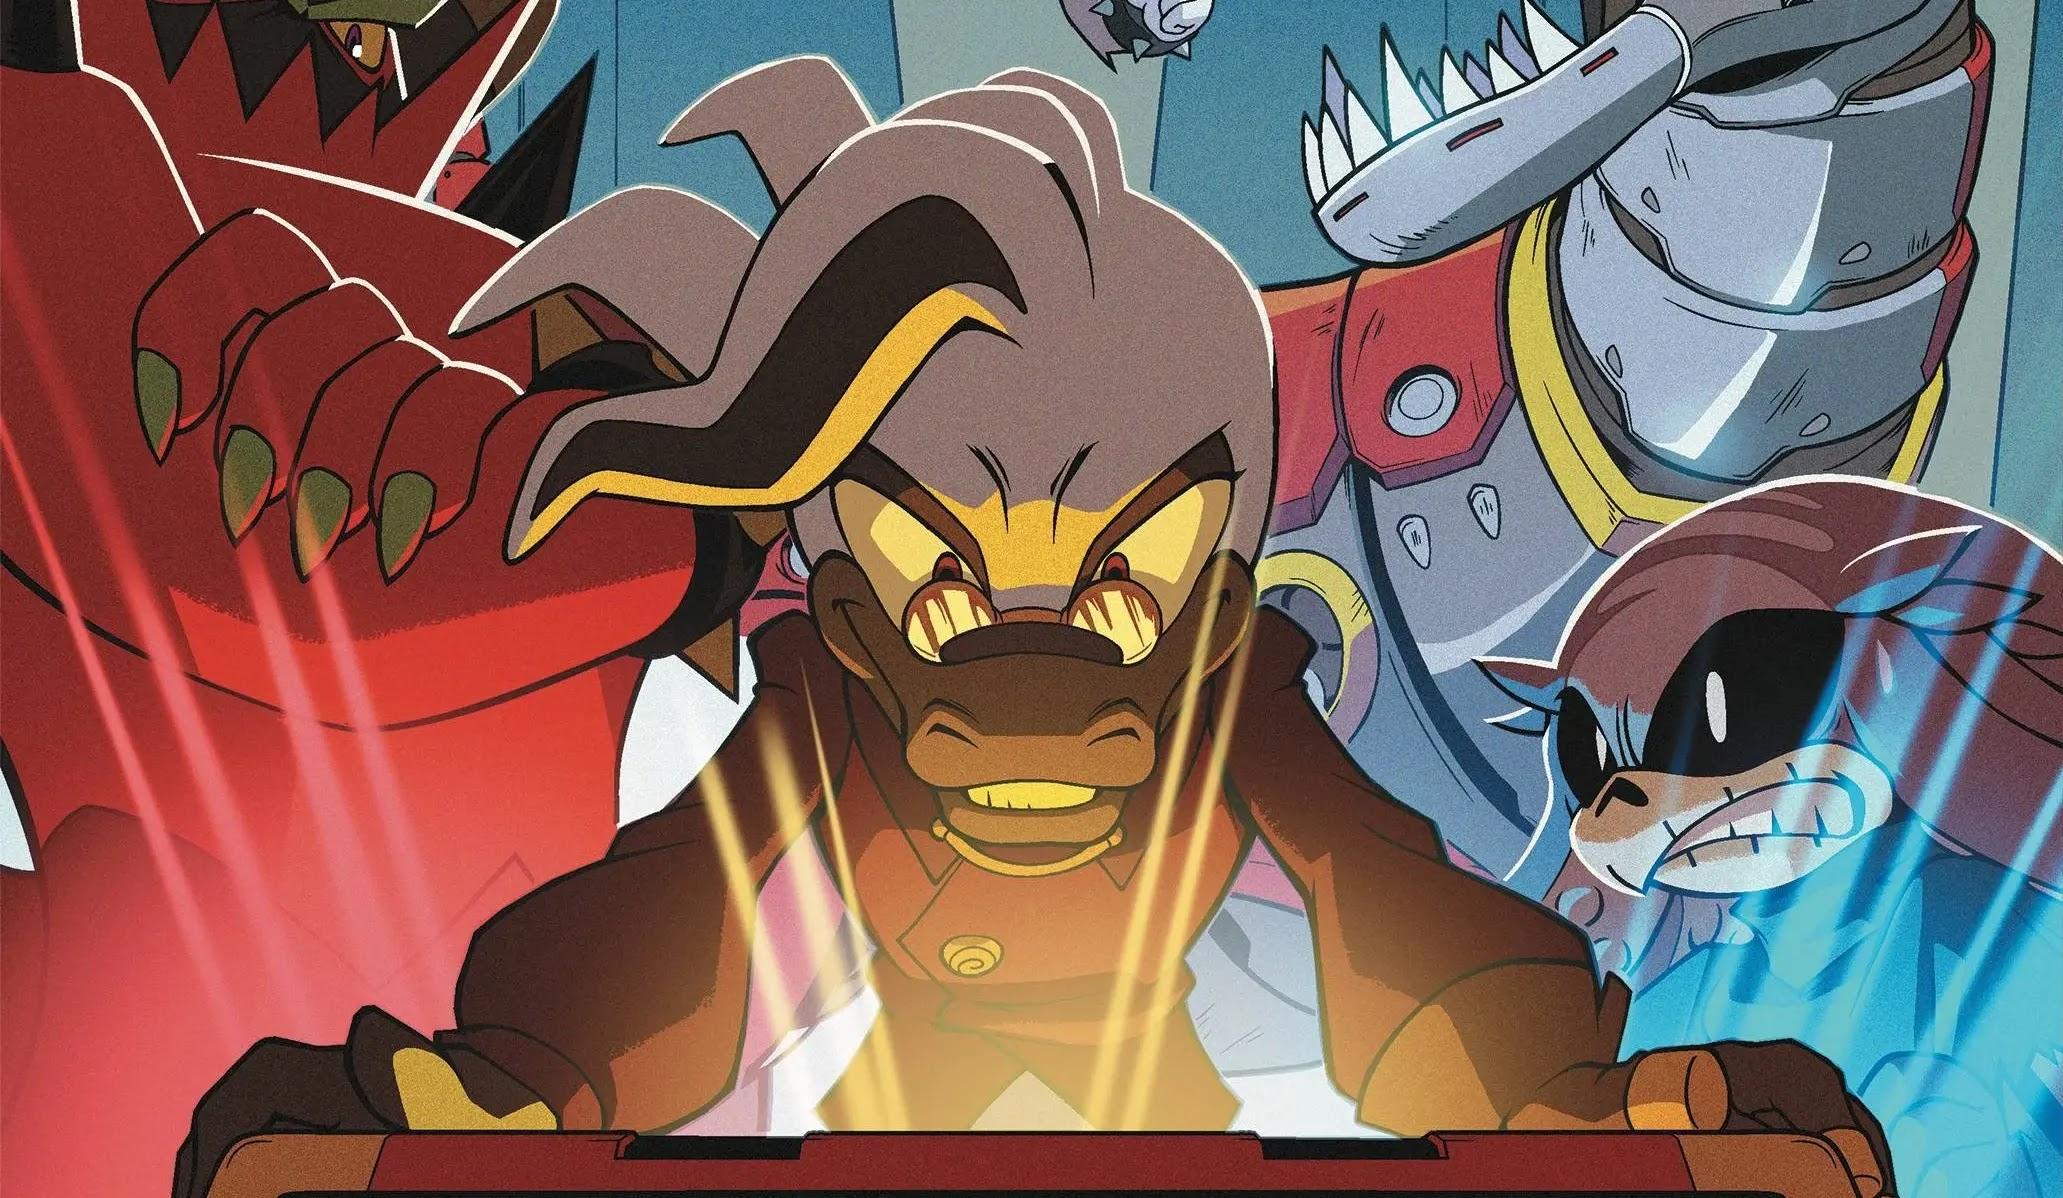 Zapowiedź drugiego numeru Sonic the Hedgehog: Bad Guys